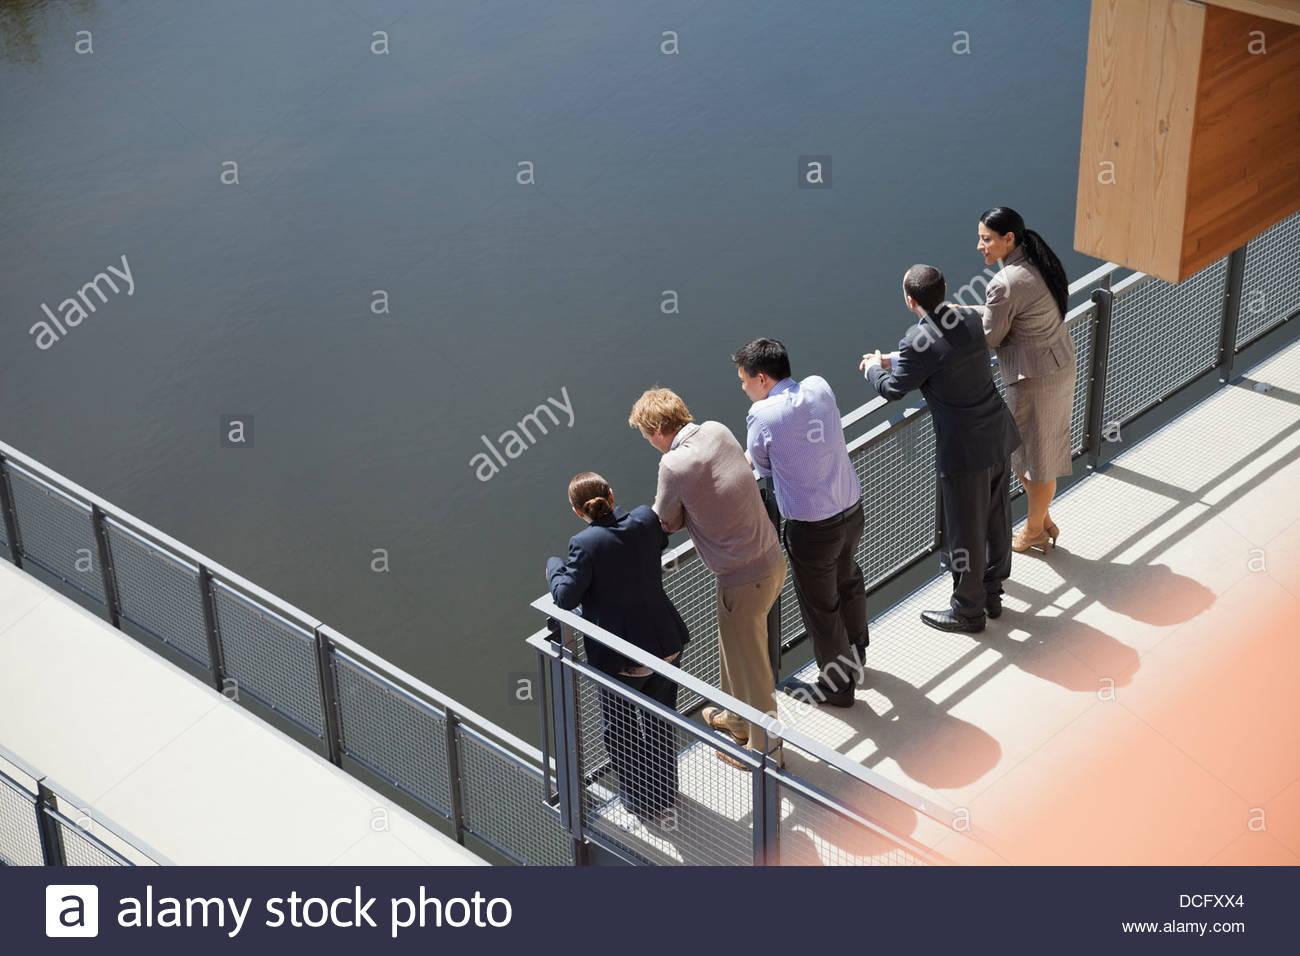 La gente de negocios de pie en una línea en el balcón Imagen De Stock